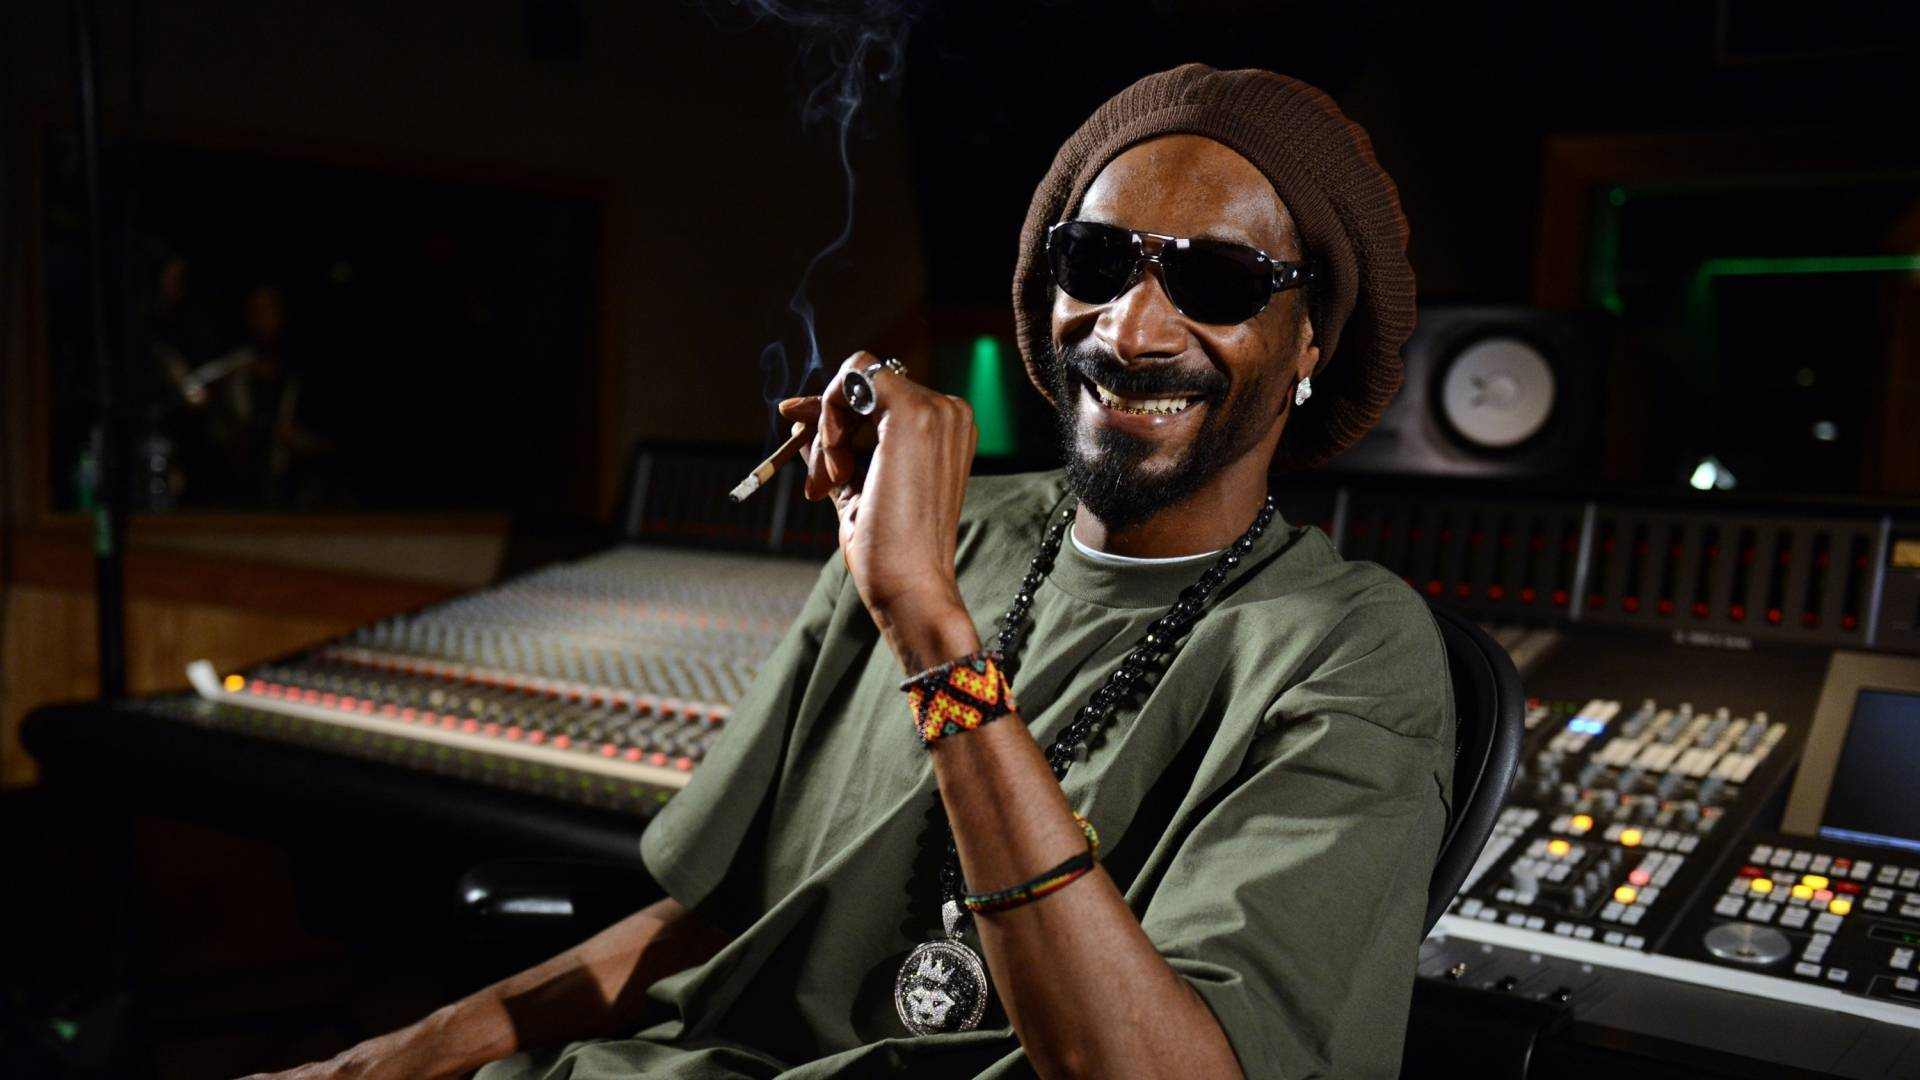 היפ-הופ וטראפ (HipHop & Trap), טכניקות ליצירה והפקה